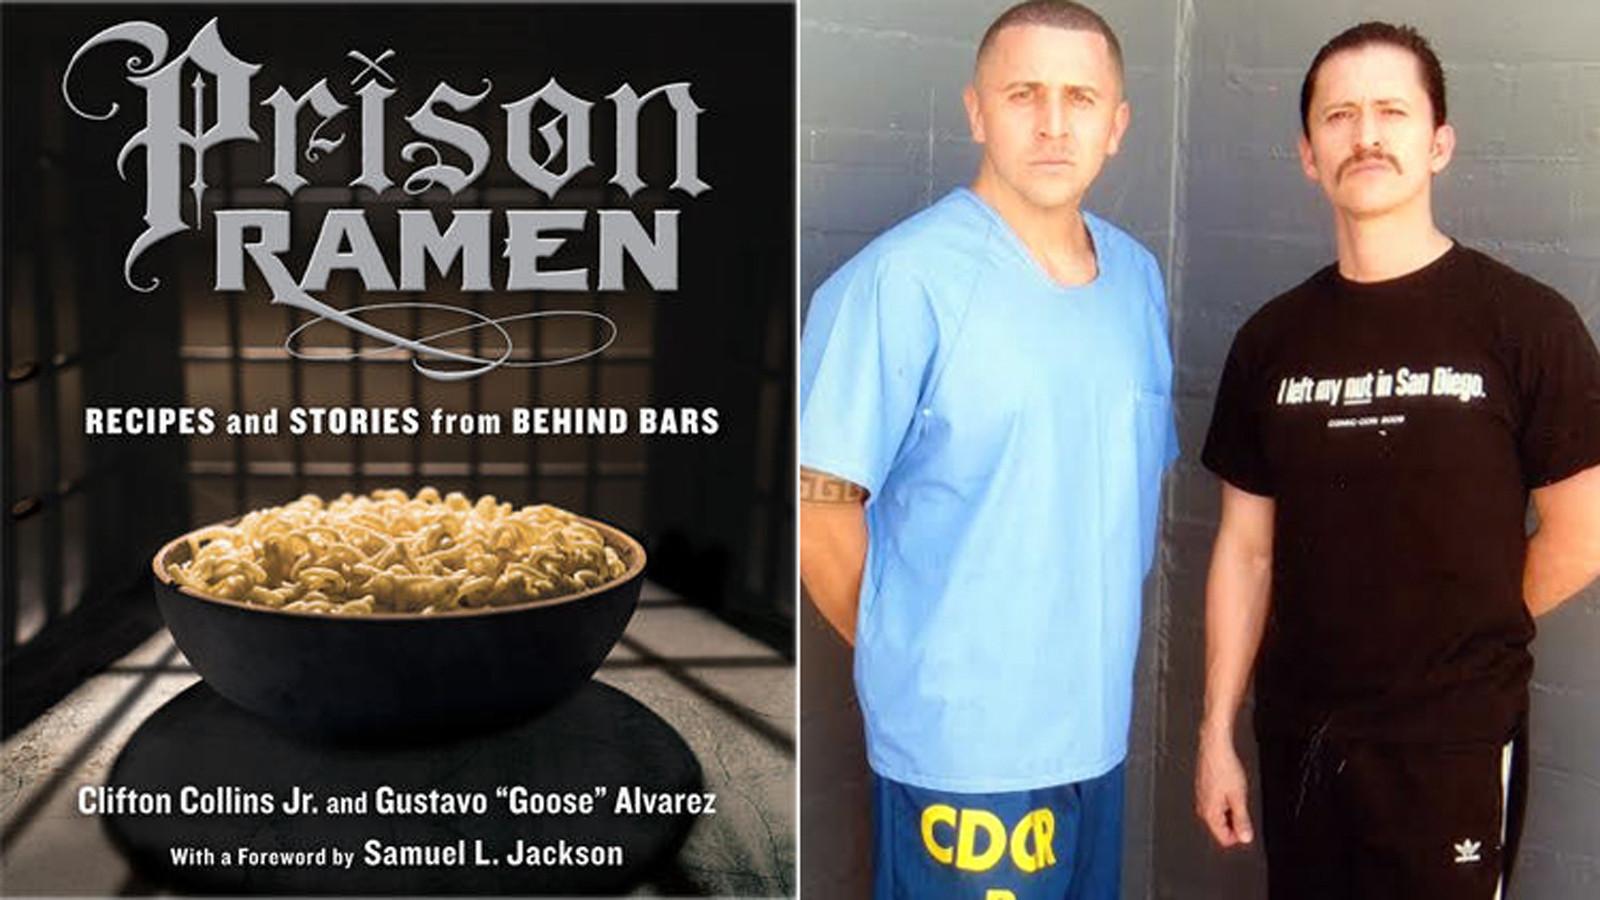 la-dd-shia-labeouf-prison-ramen-cookbook-20151013.jpg